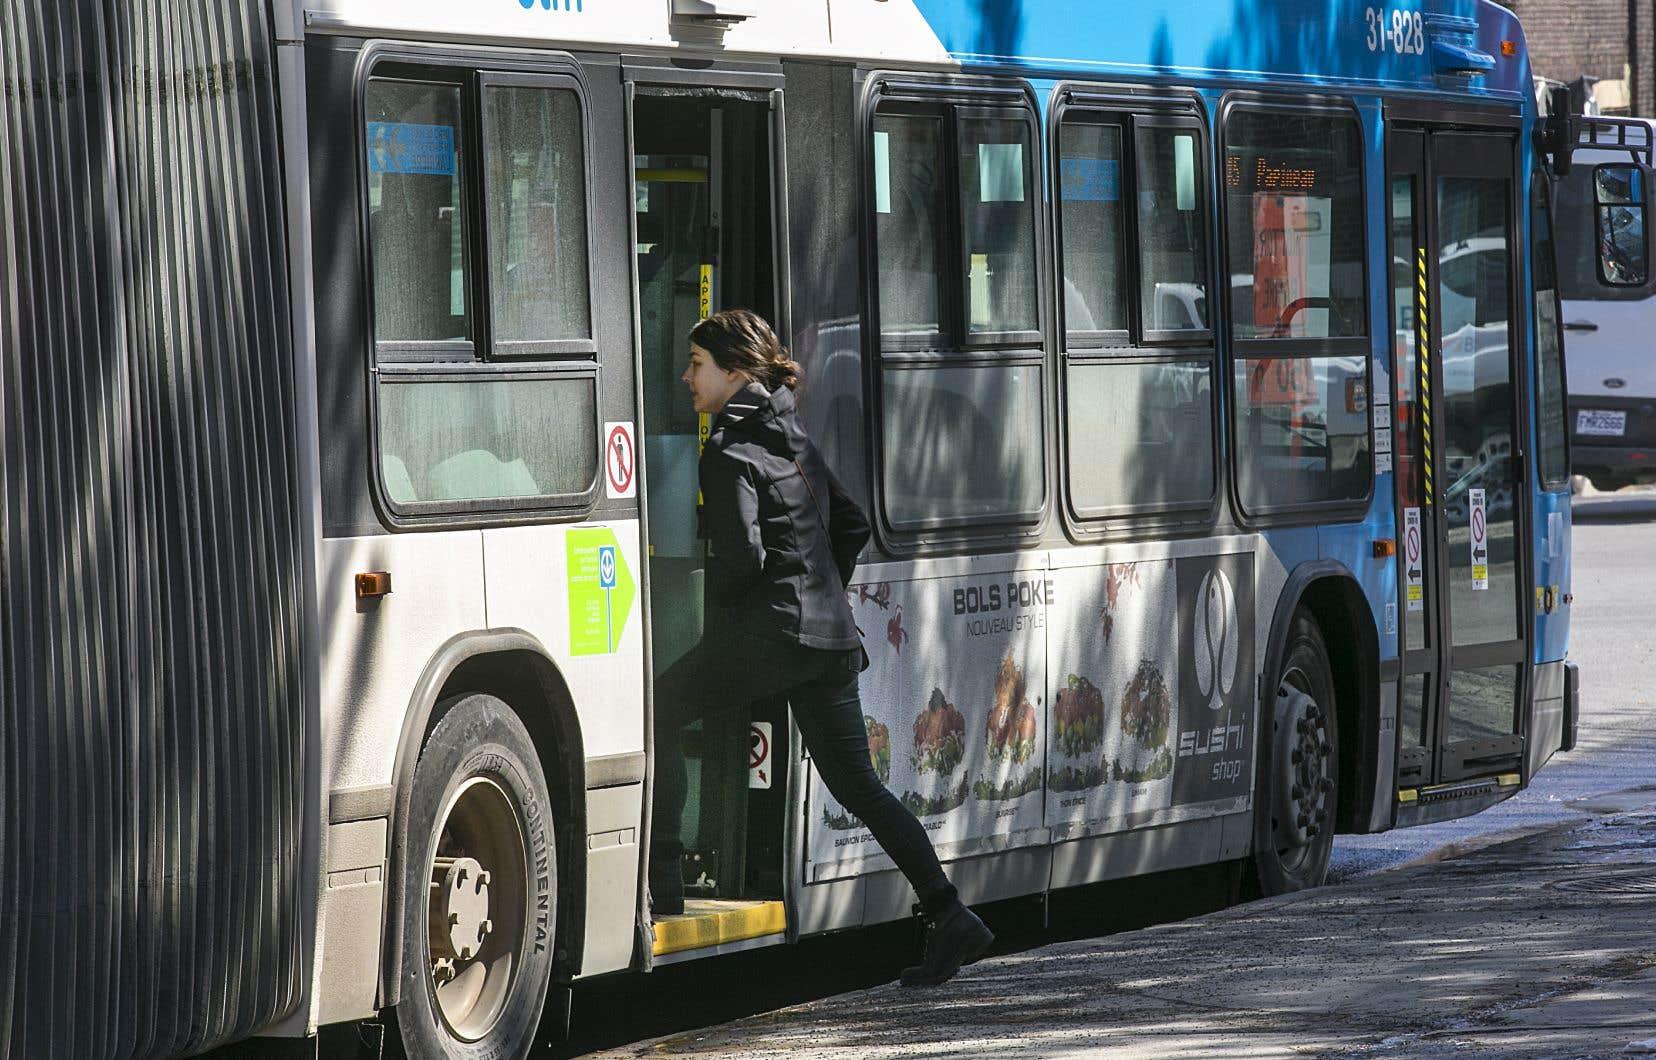 L'ARTM recommande fortement aux usagers de porter un couvre-visage lors de leurs déplacements.